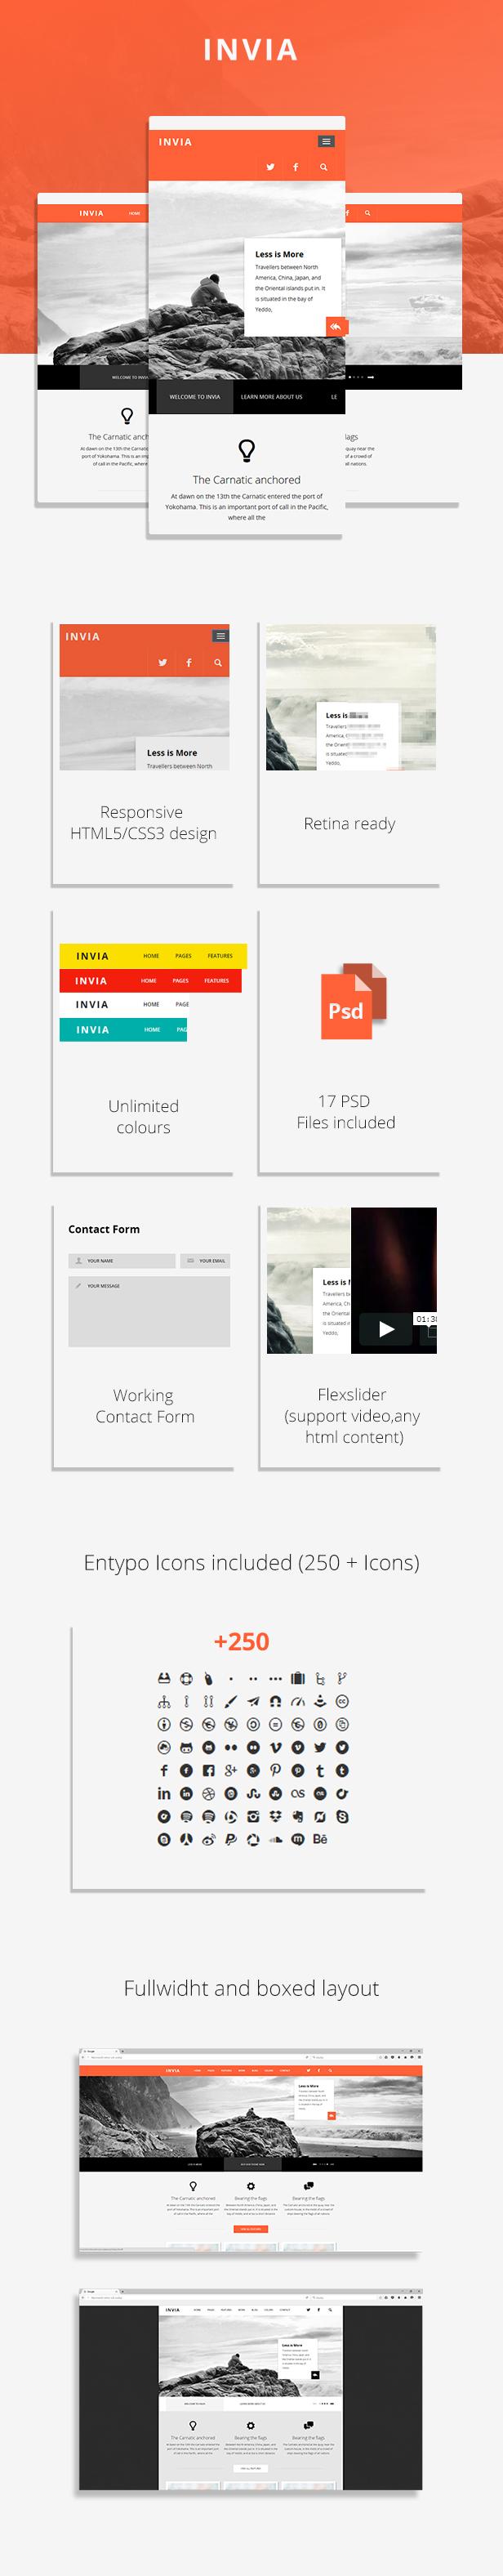 invia html description